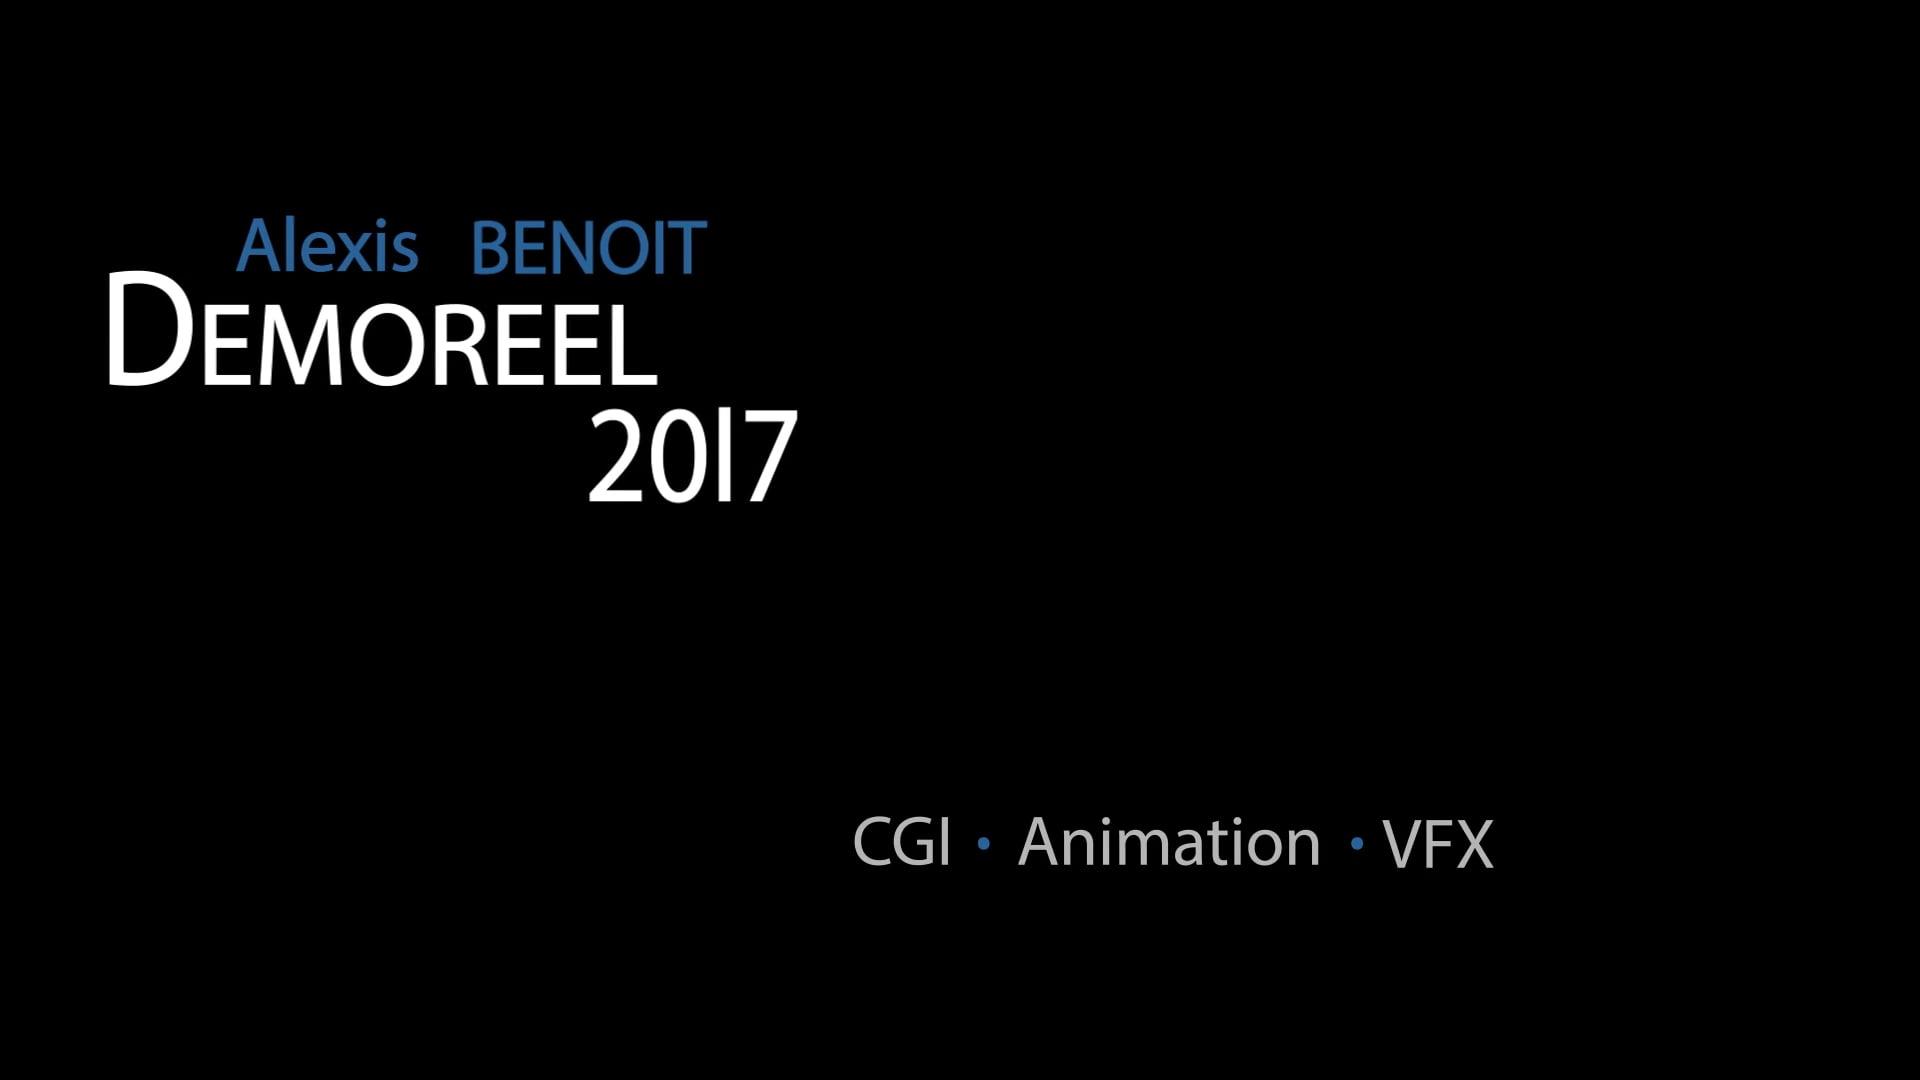 Alexis BENOIT DEMO REEL 2017